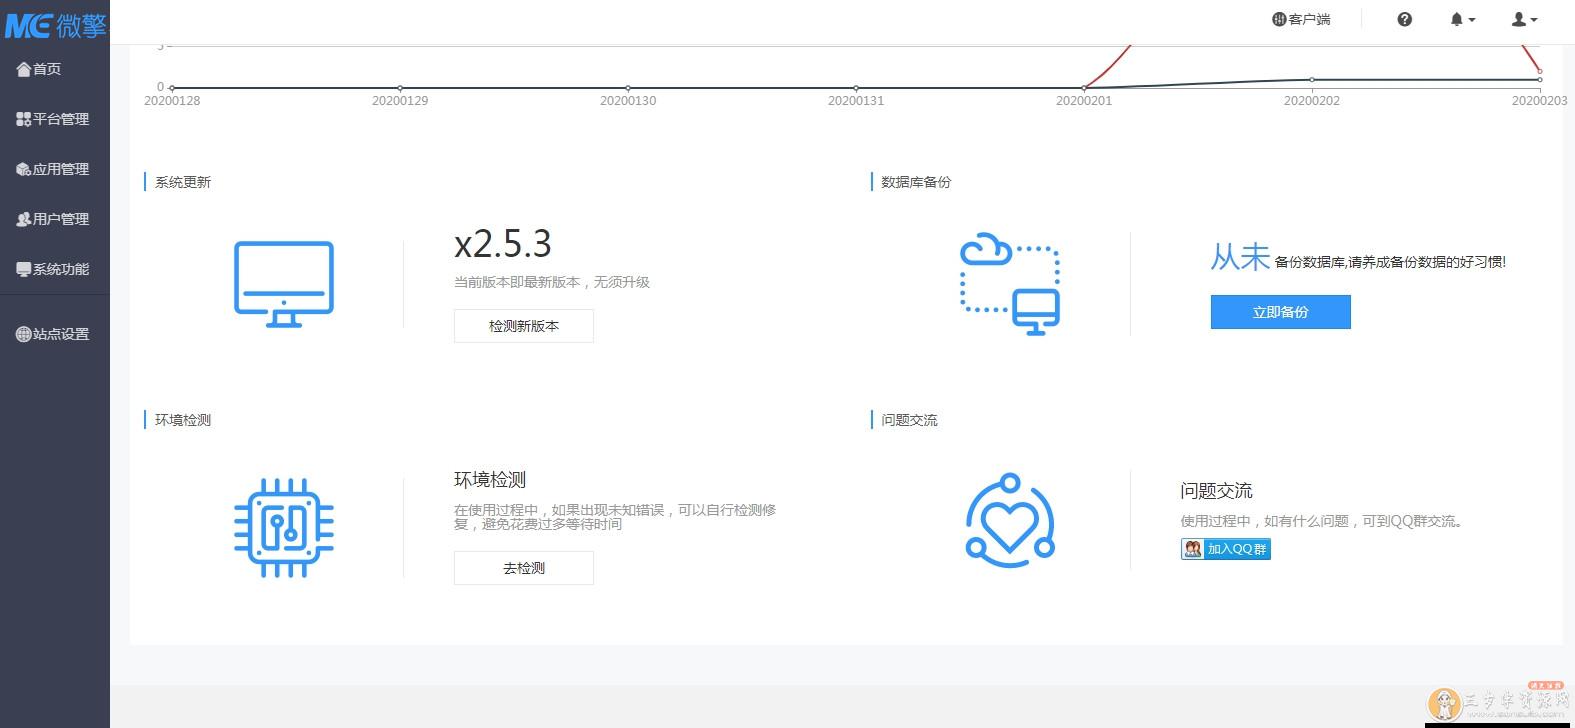 最新微擎商业版V2.5.4完整安装包(微擎纯净框架,无任何限制)